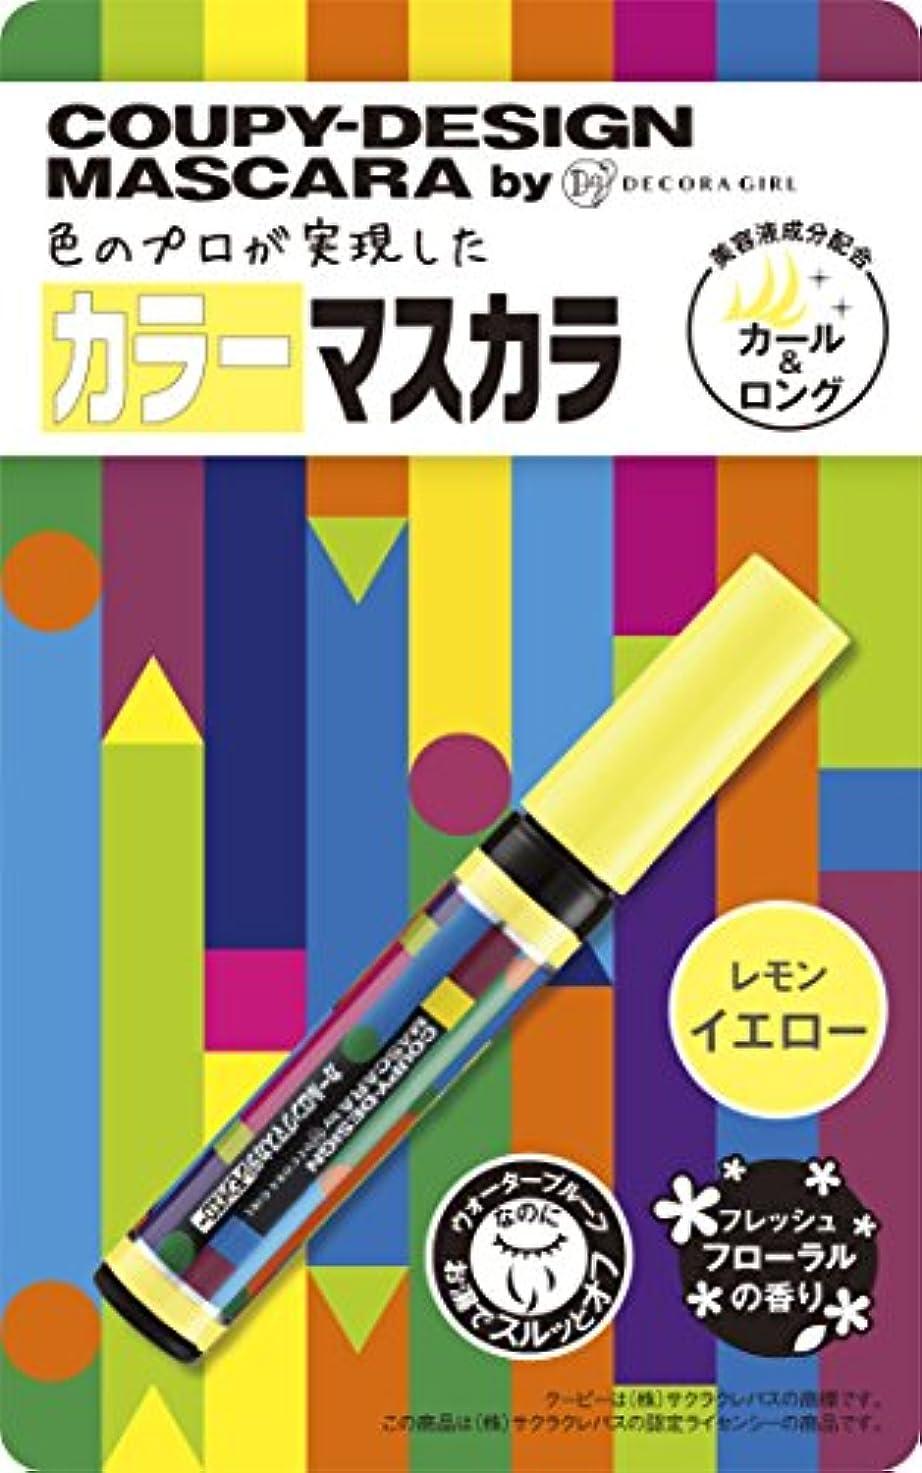 電気陽性ハウジング大胆クーピー柄カラーマスカラ(レモンイエロー)